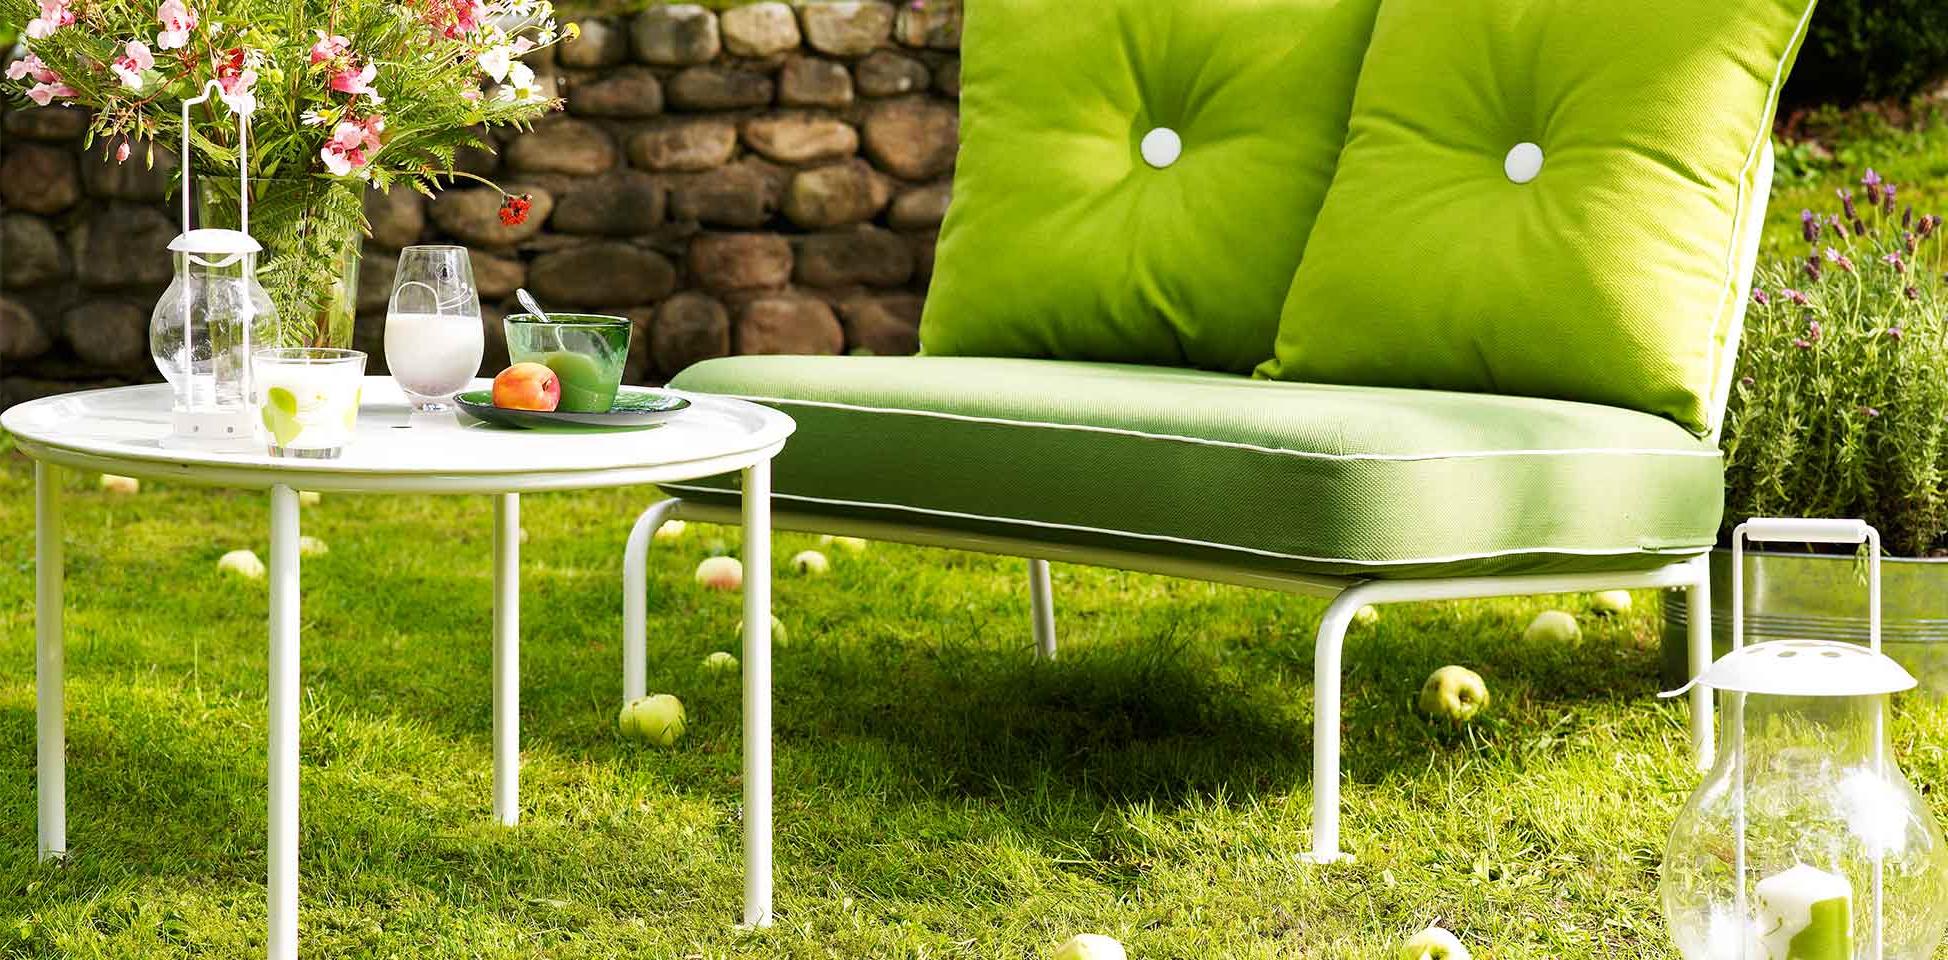 Muebles Jardin Ikea Gdd0 Curso Escoger El Mobiliario Para Tu Jardà N Ikea